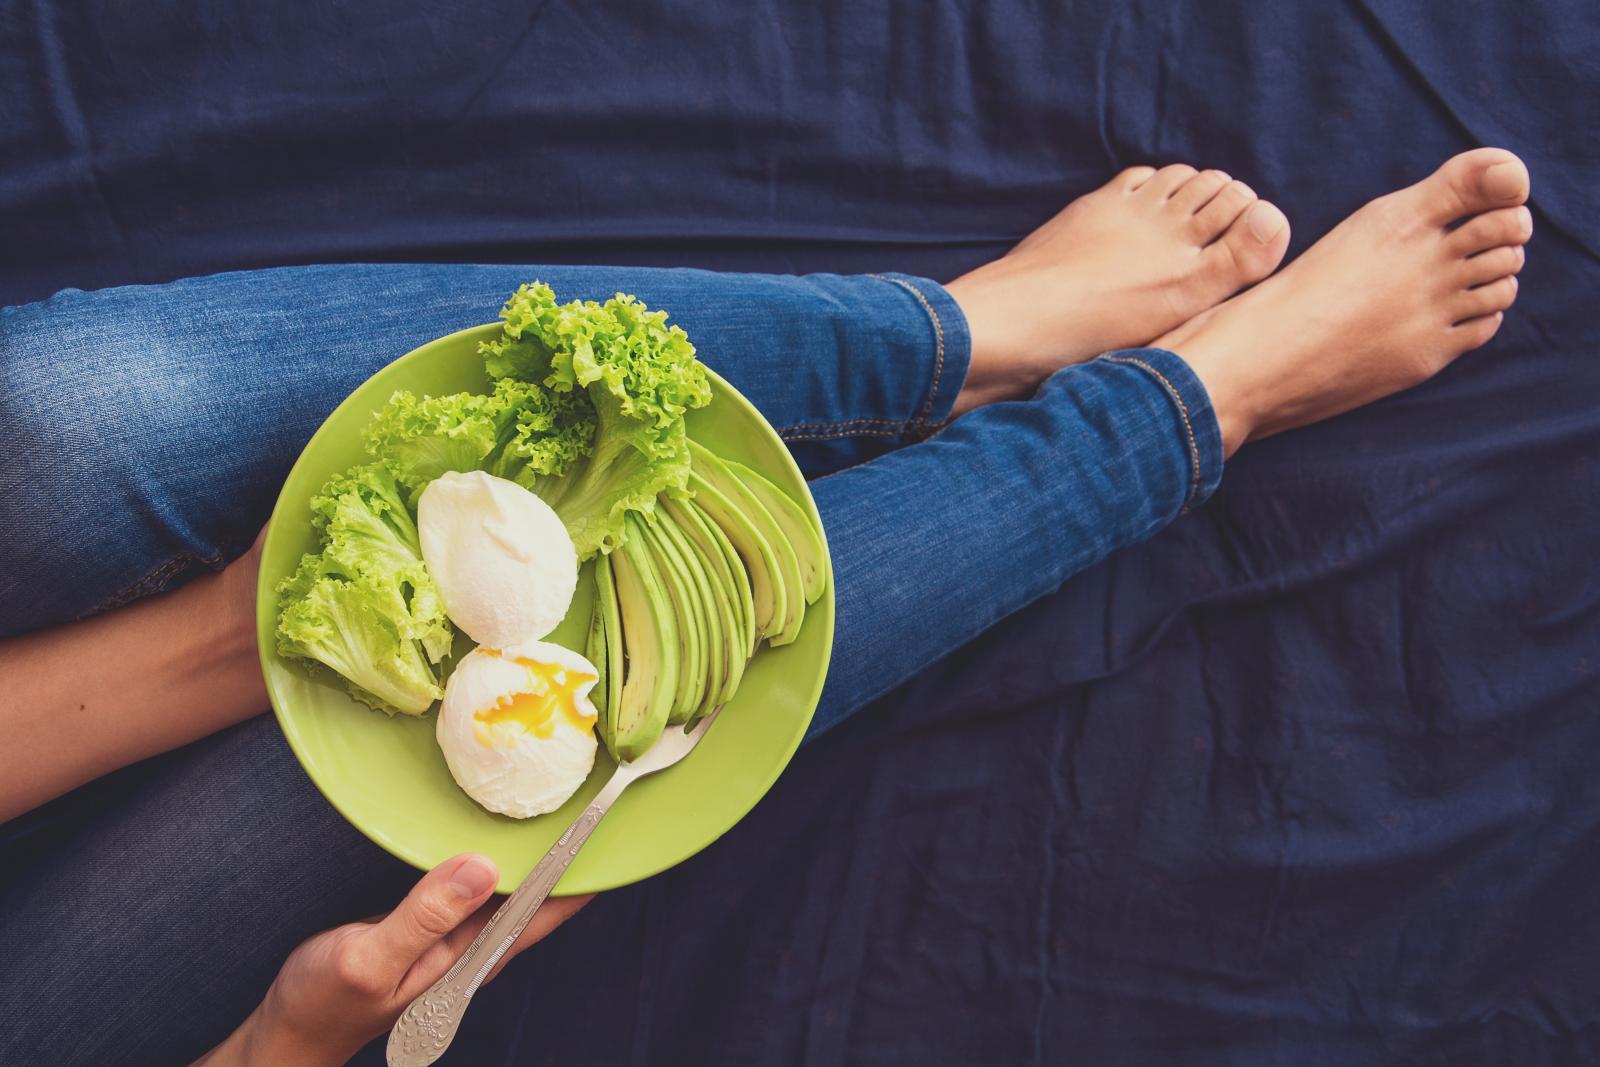 Kvalitetu bjelančevina iz hrane određuje prisutnost i količina esencijalnih aminokiselina.